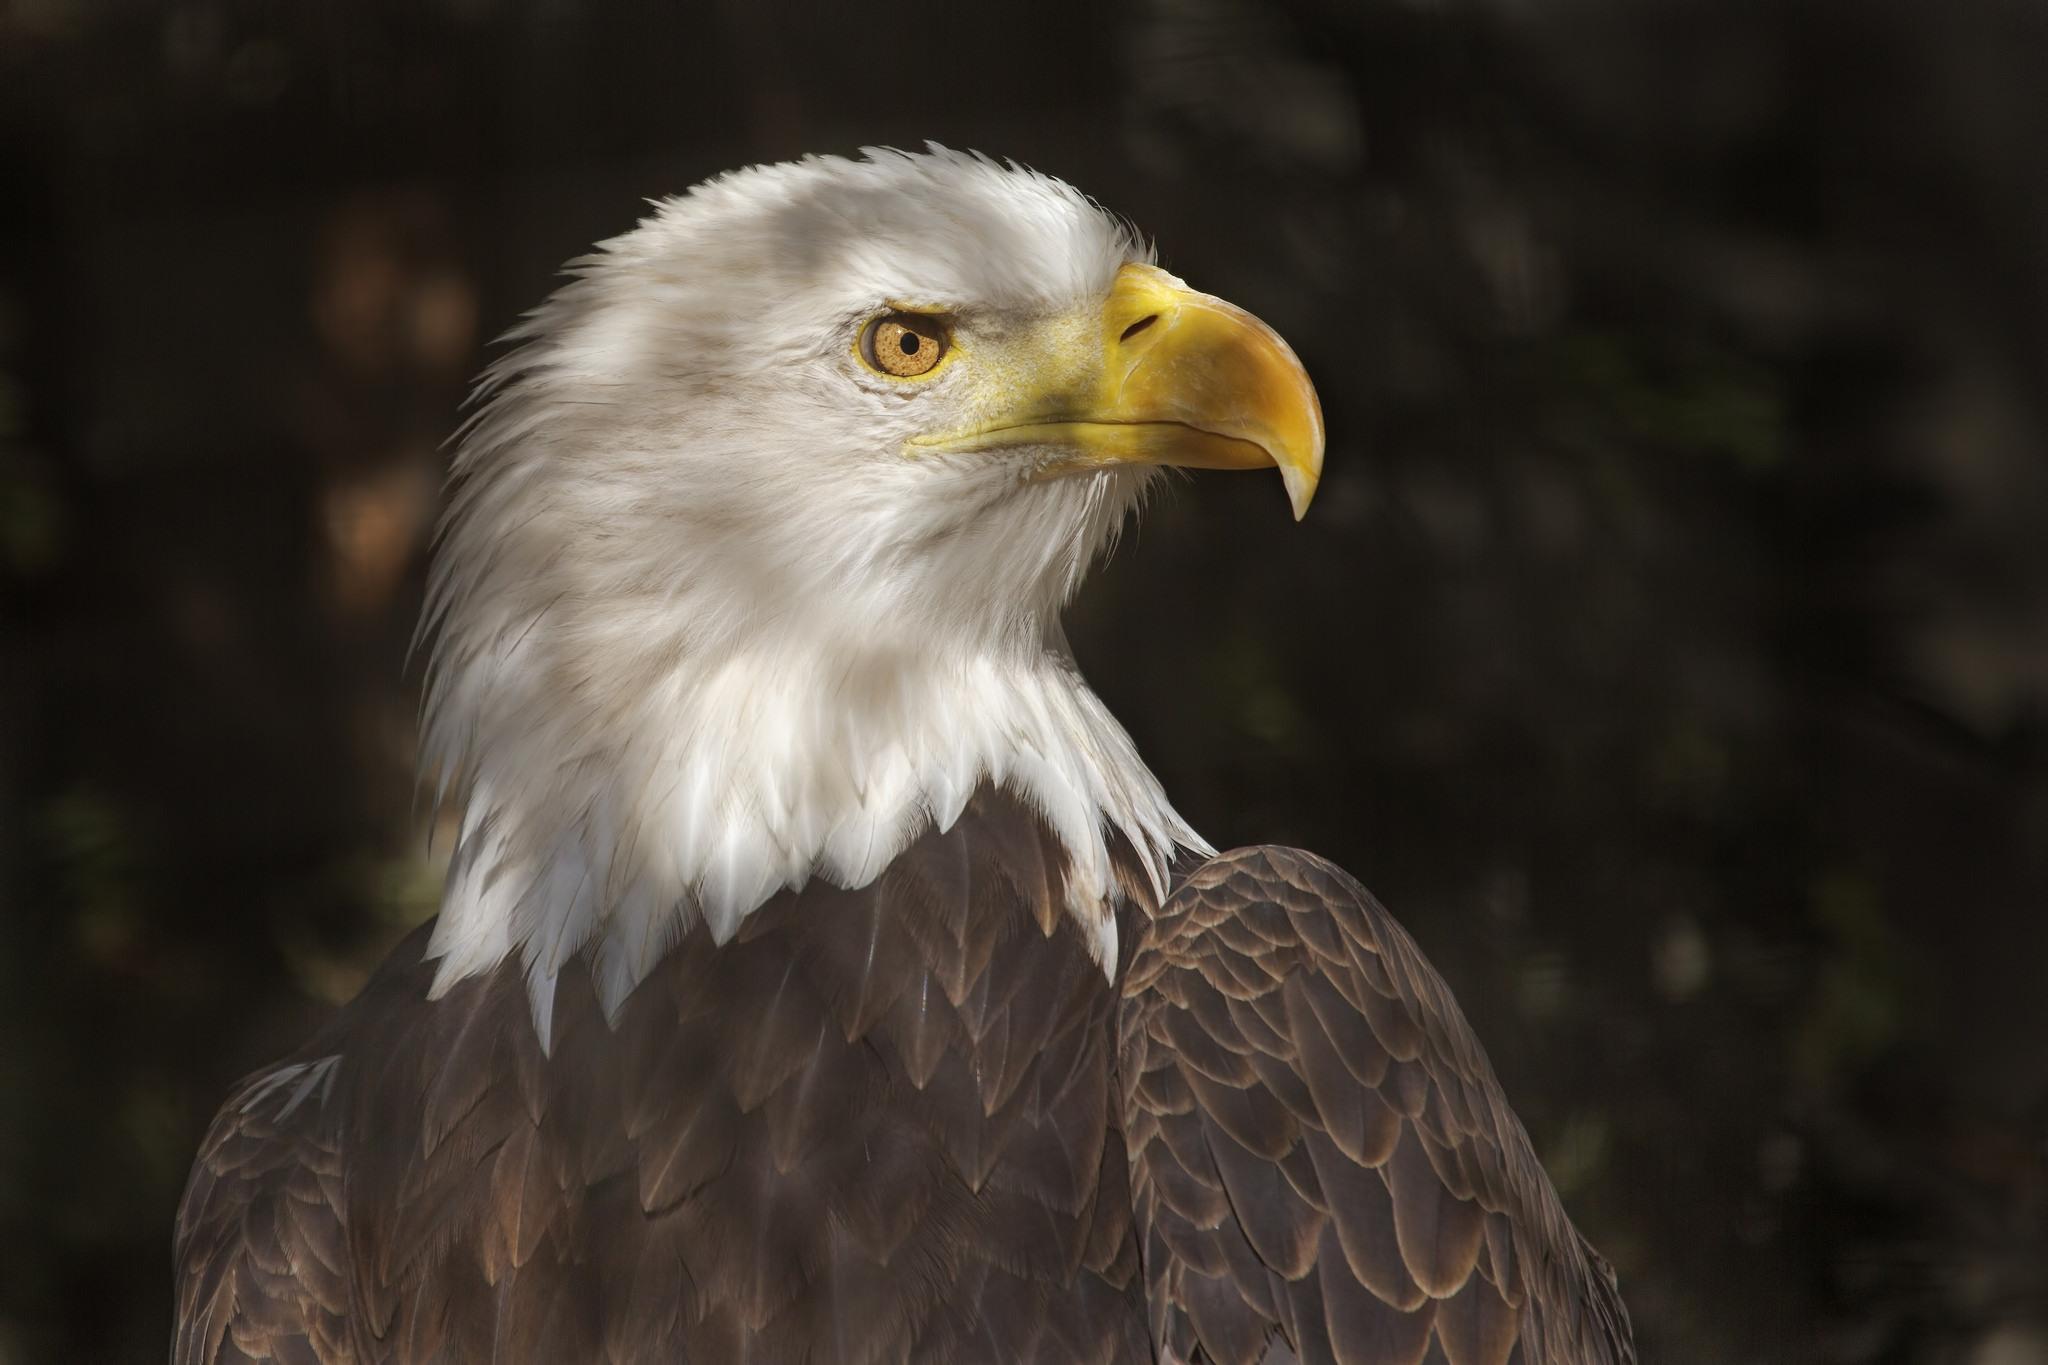 белый орел фото животные кабинке